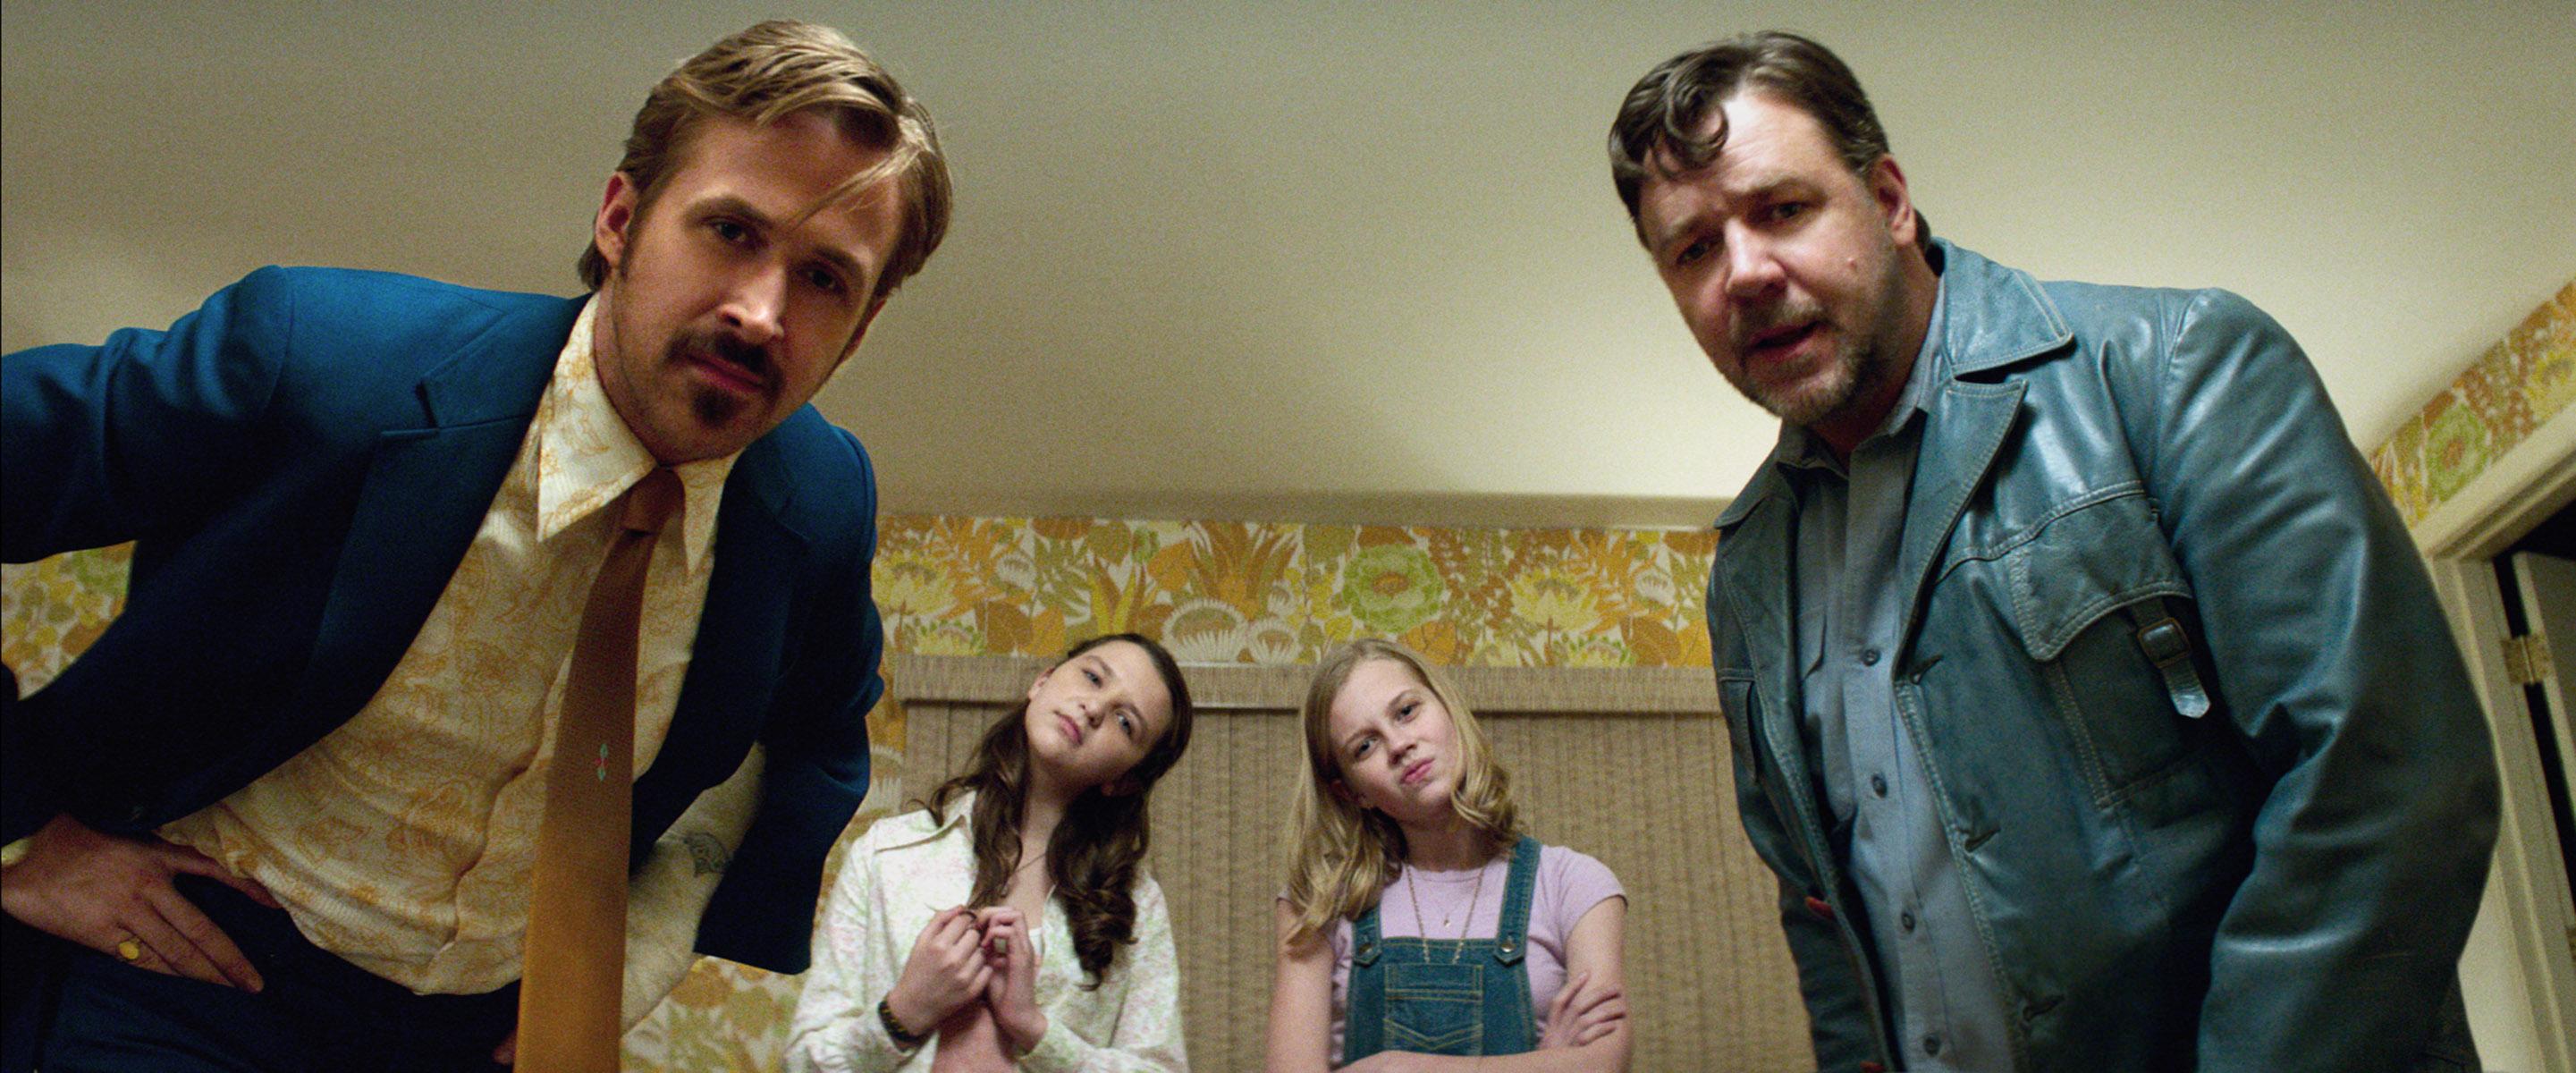 """Ryan Gosling (""""The Big Short"""") und Russel Crowe (""""Gladiator"""") bilden das Ermittler-Duo in """"The Nice Guys""""."""